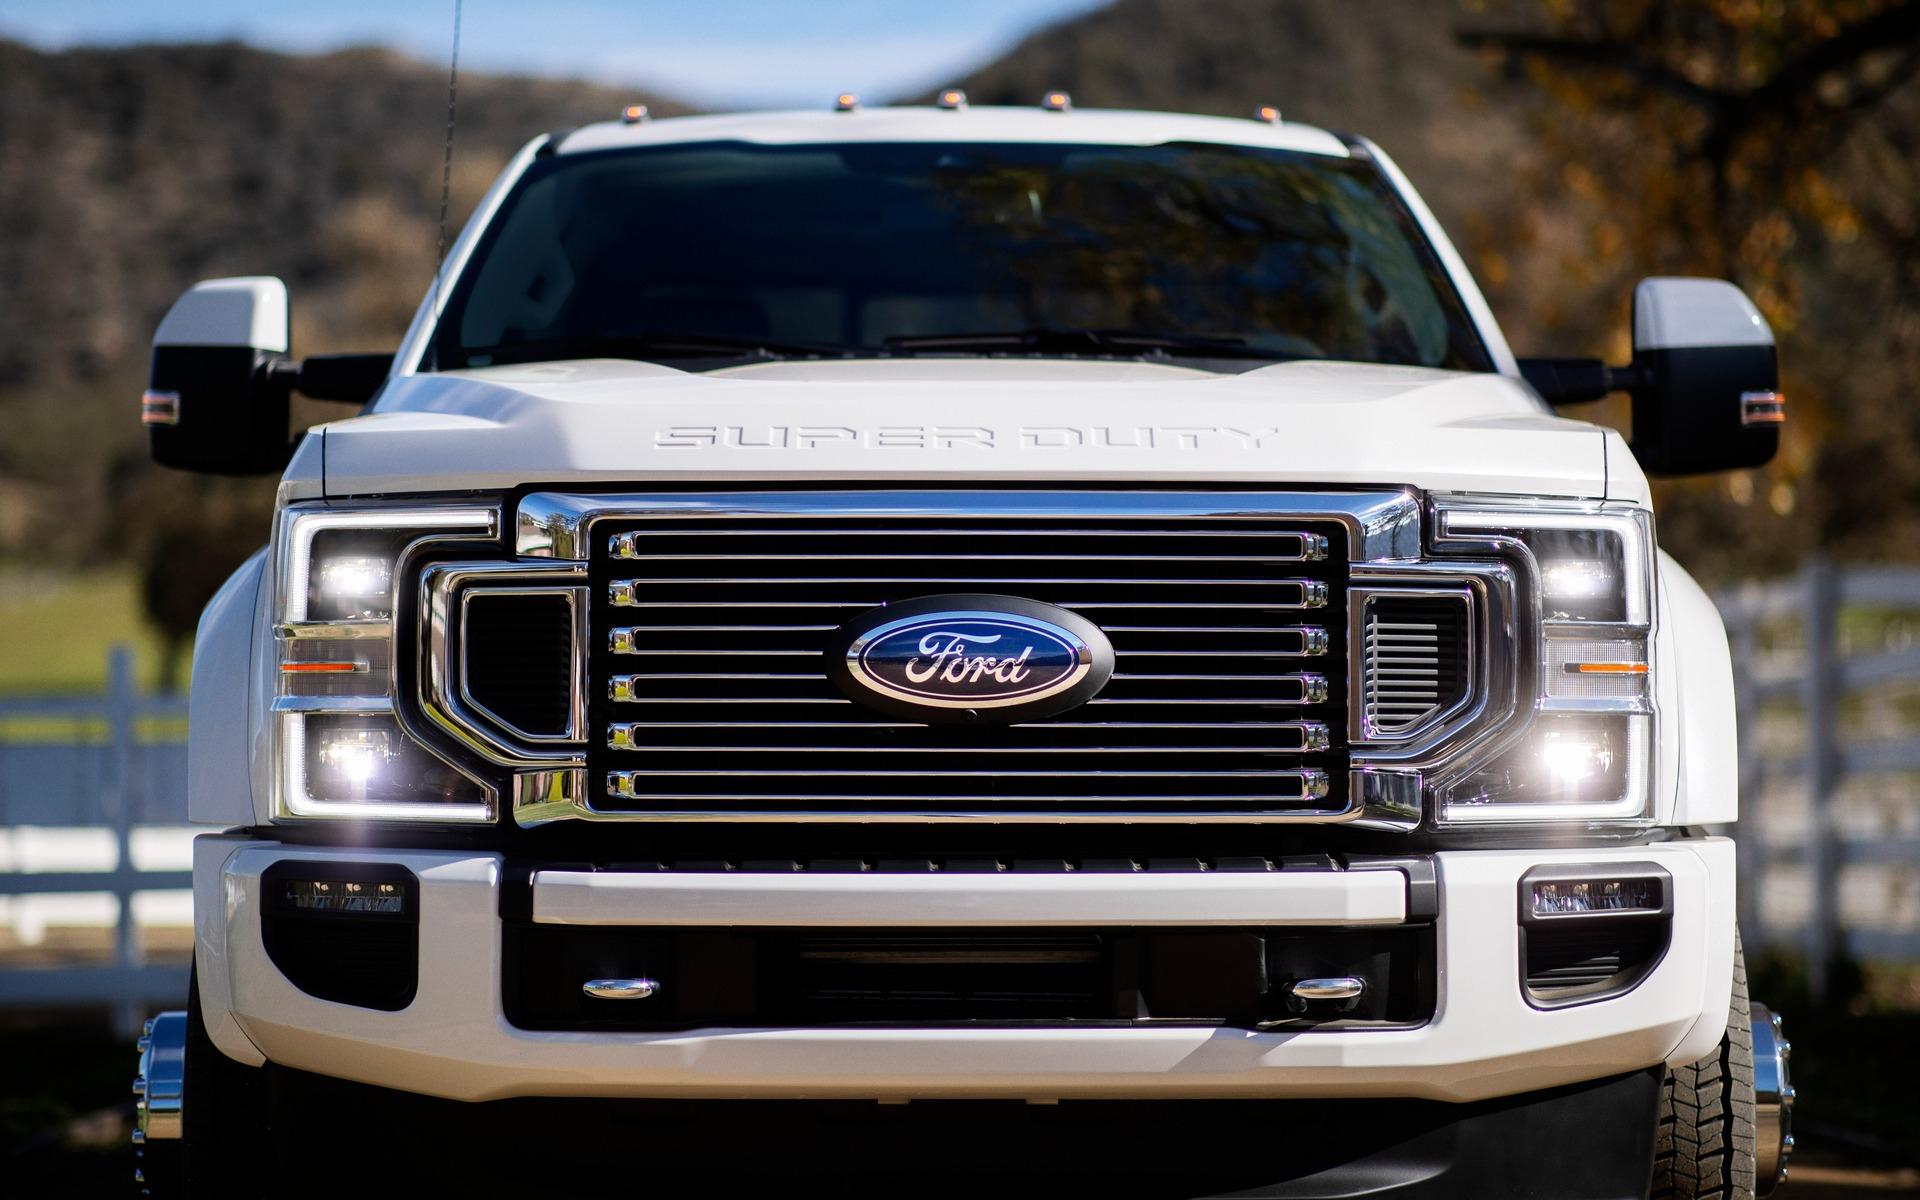 Le Ford Super Duty 2020 Promet D'être Encore Plus Puissant